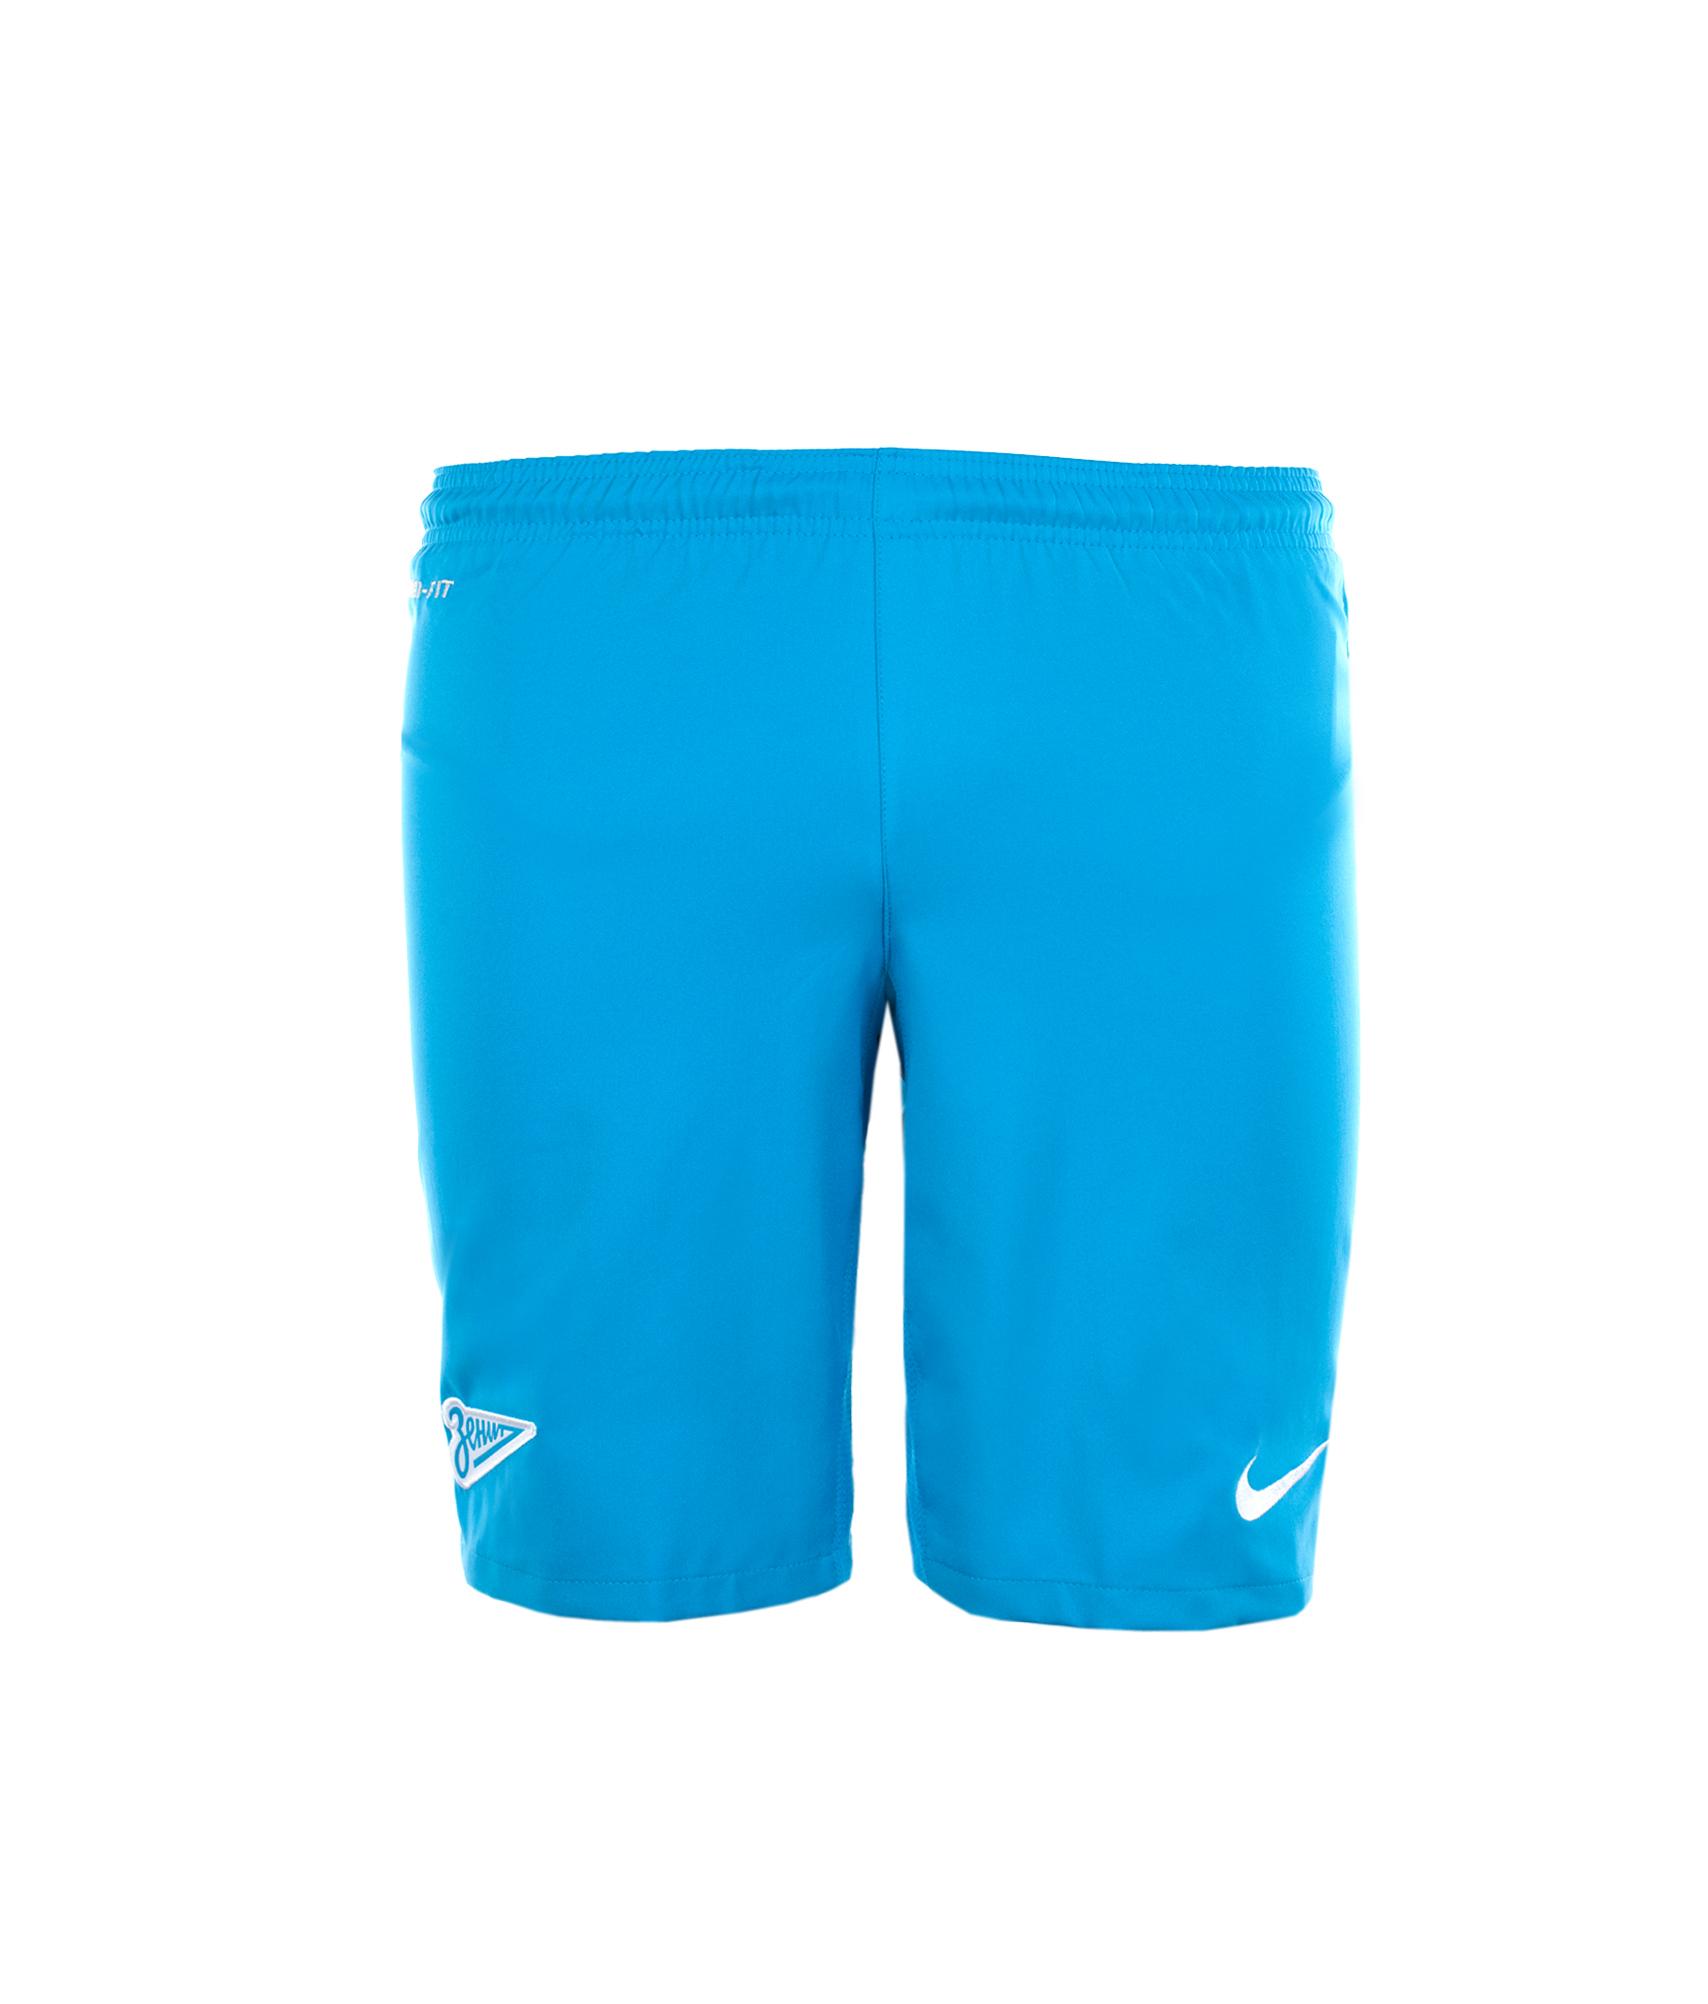 Шорты синие, Цвет-Синий, Размер-XL